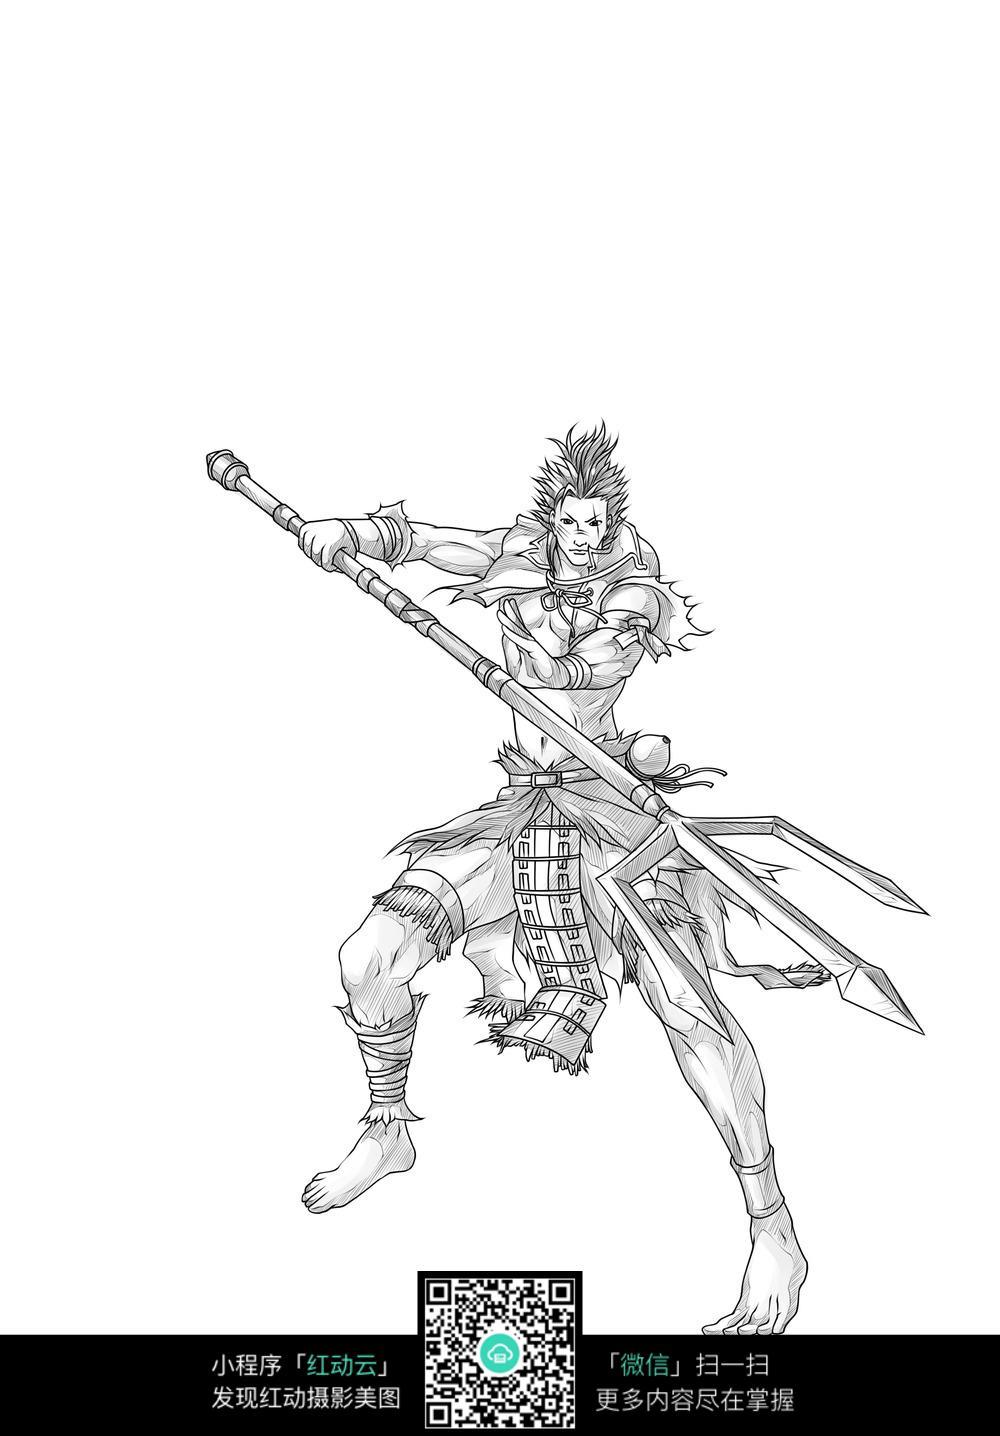 战士和武器卡通手绘线稿图片